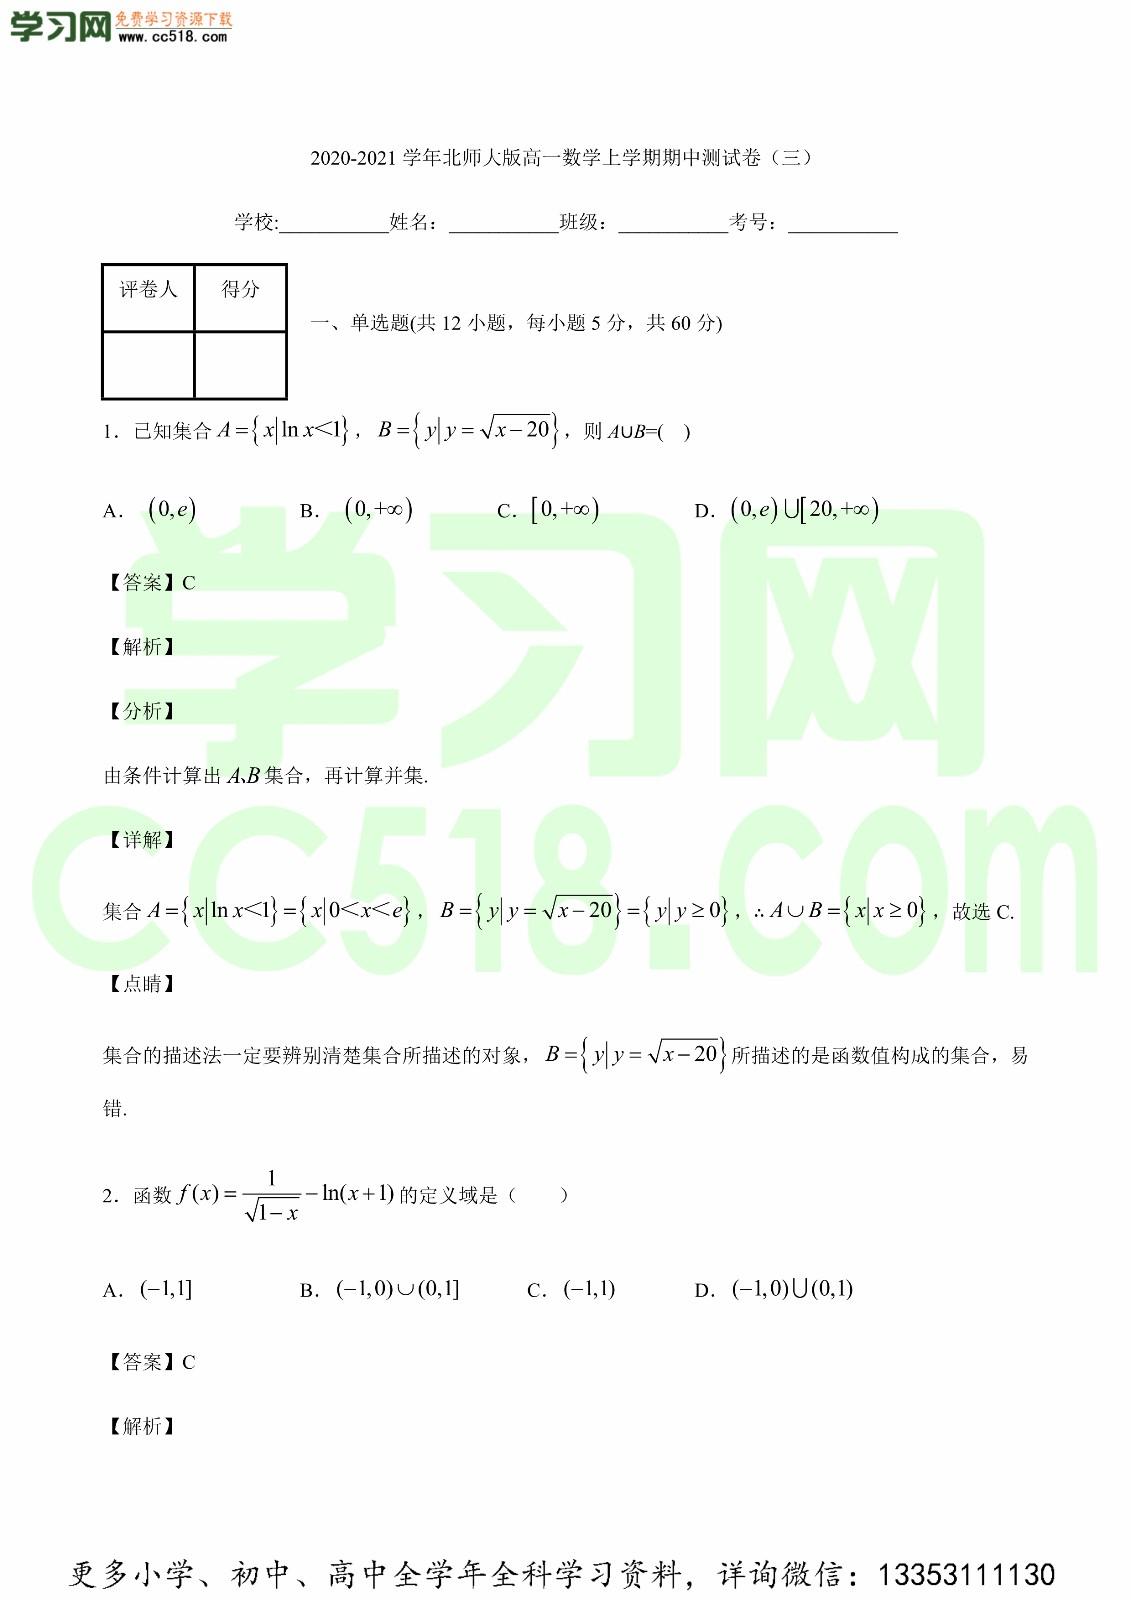 2020-2021学年北师大版高一数学上学期期中测试卷(含答案及解析)